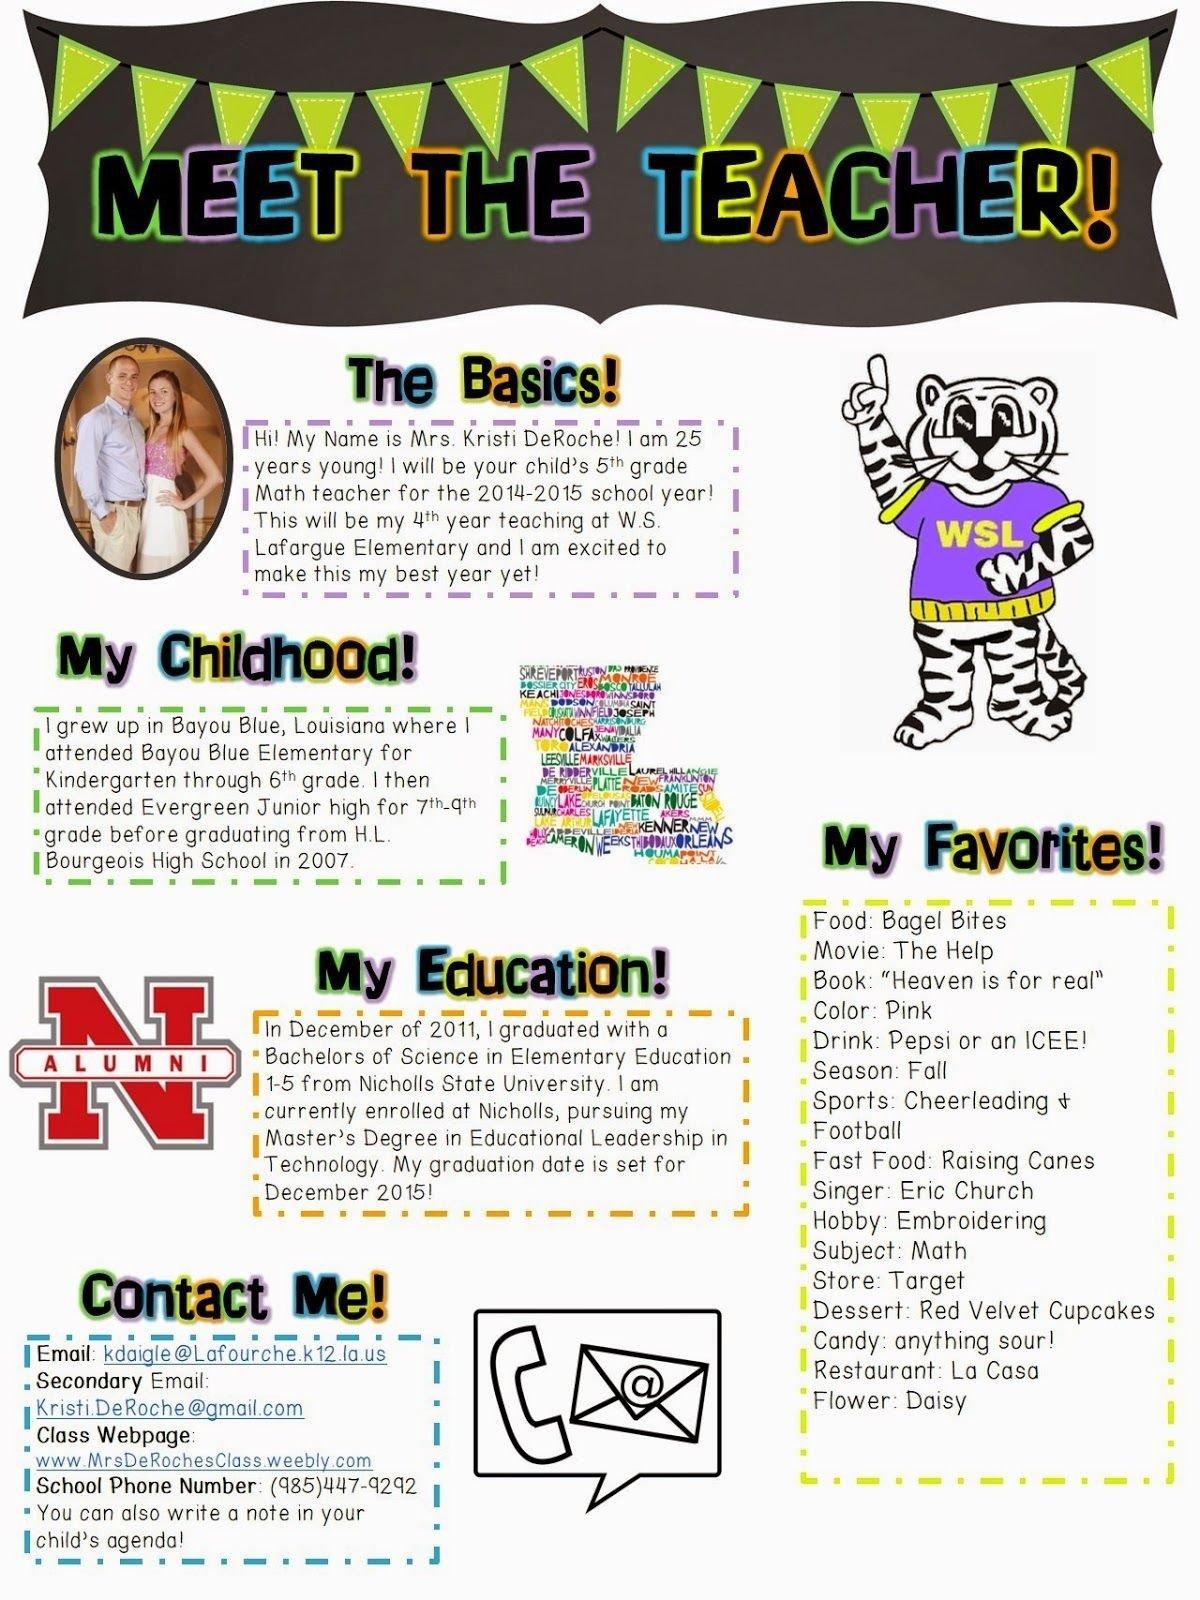 meet the teacher, open house- newsletter! | school ideas | pinterest